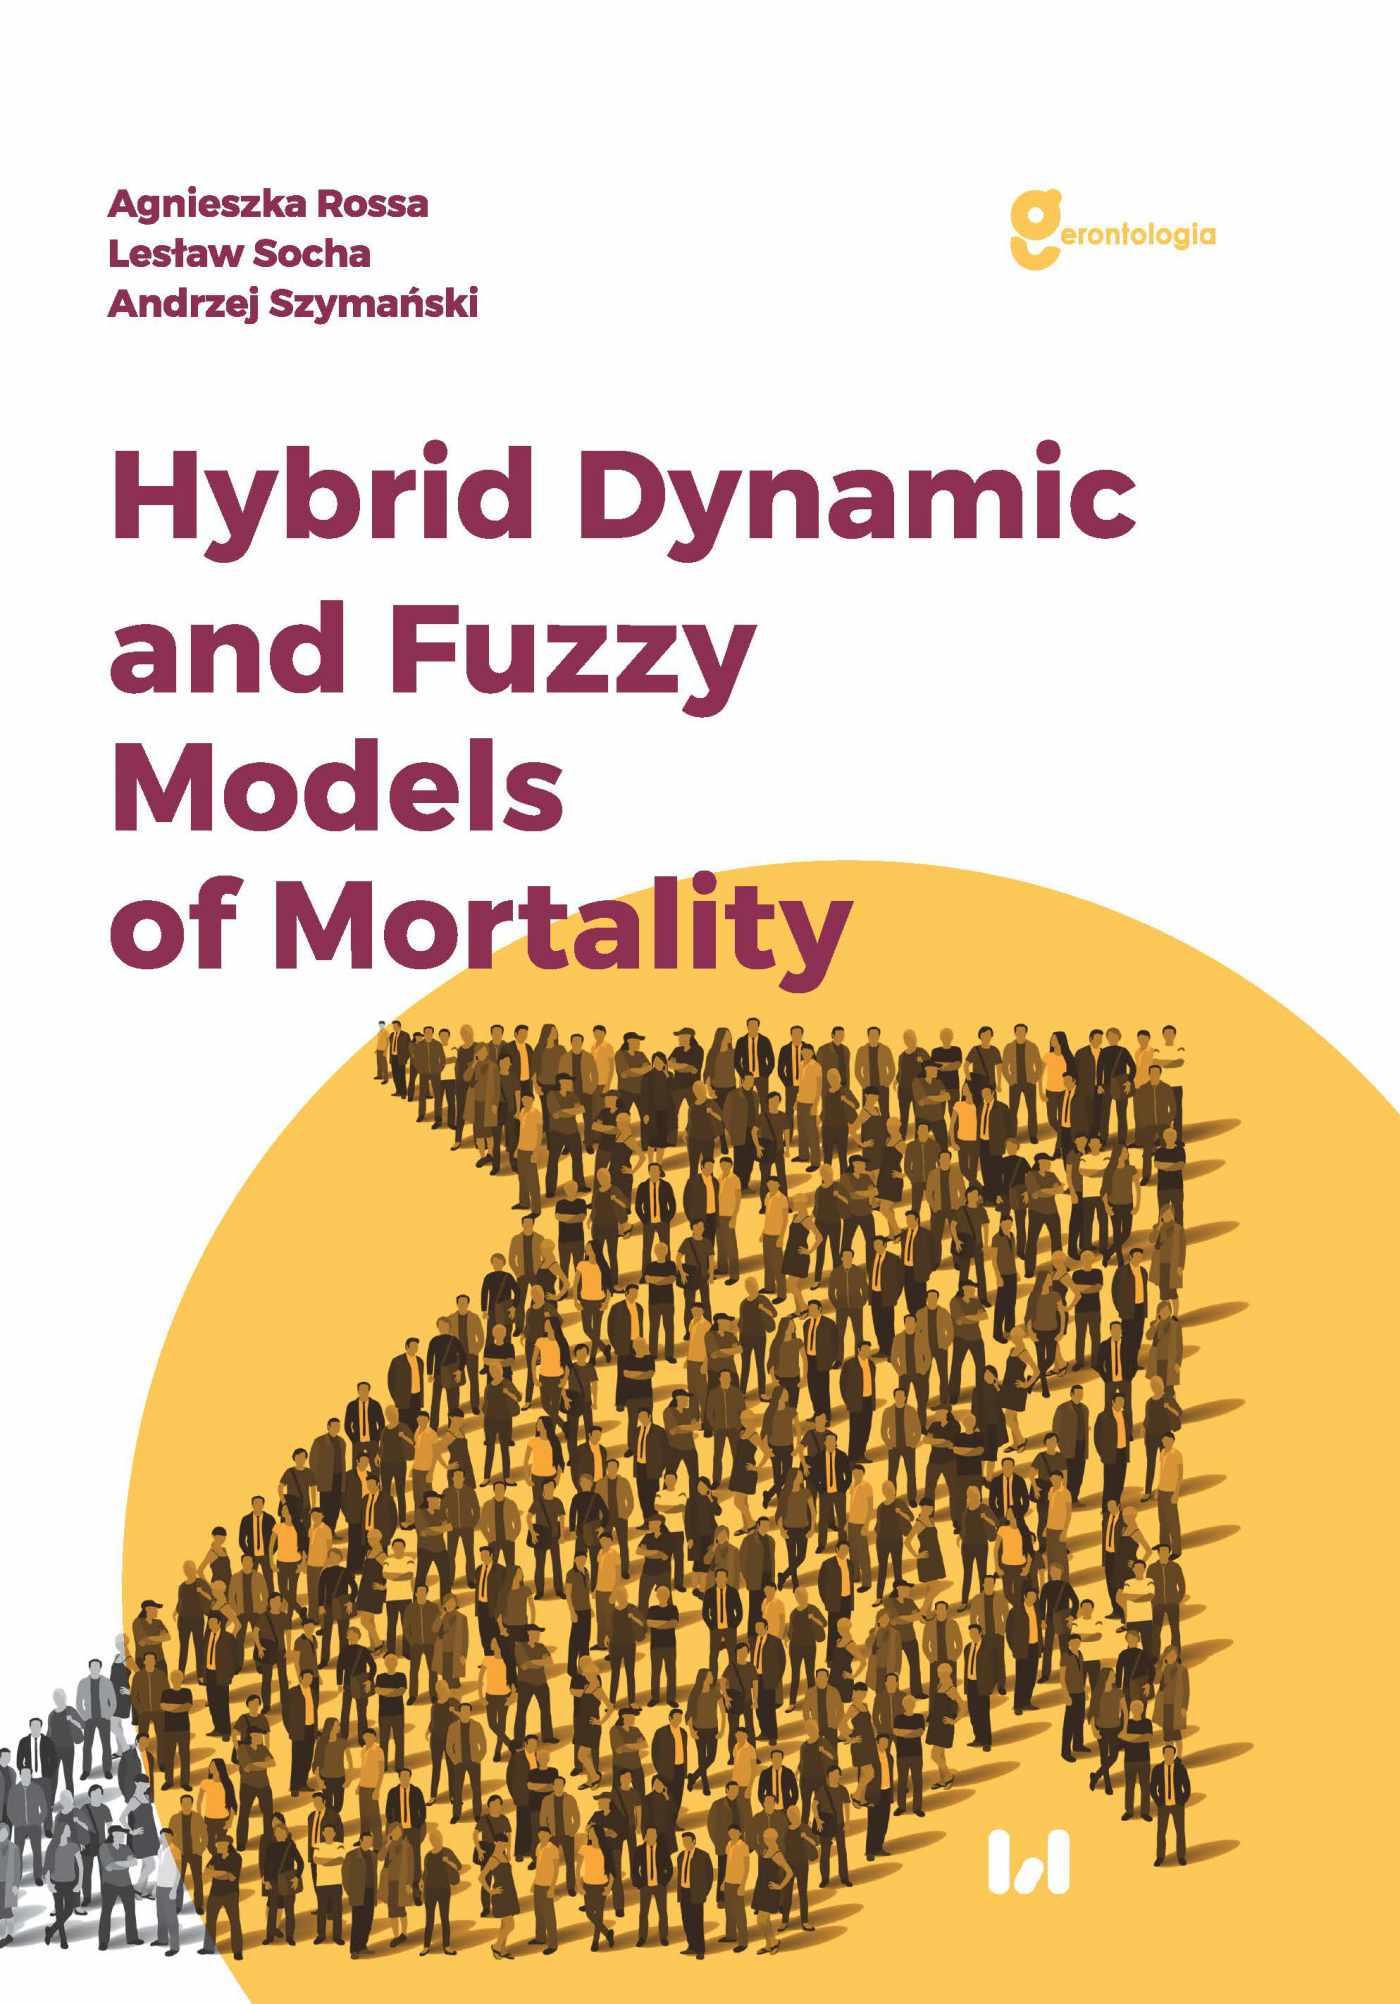 Hybrid Dynamic and Fuzzy Models of Morality - Ebook (Książka PDF) do pobrania w formacie PDF